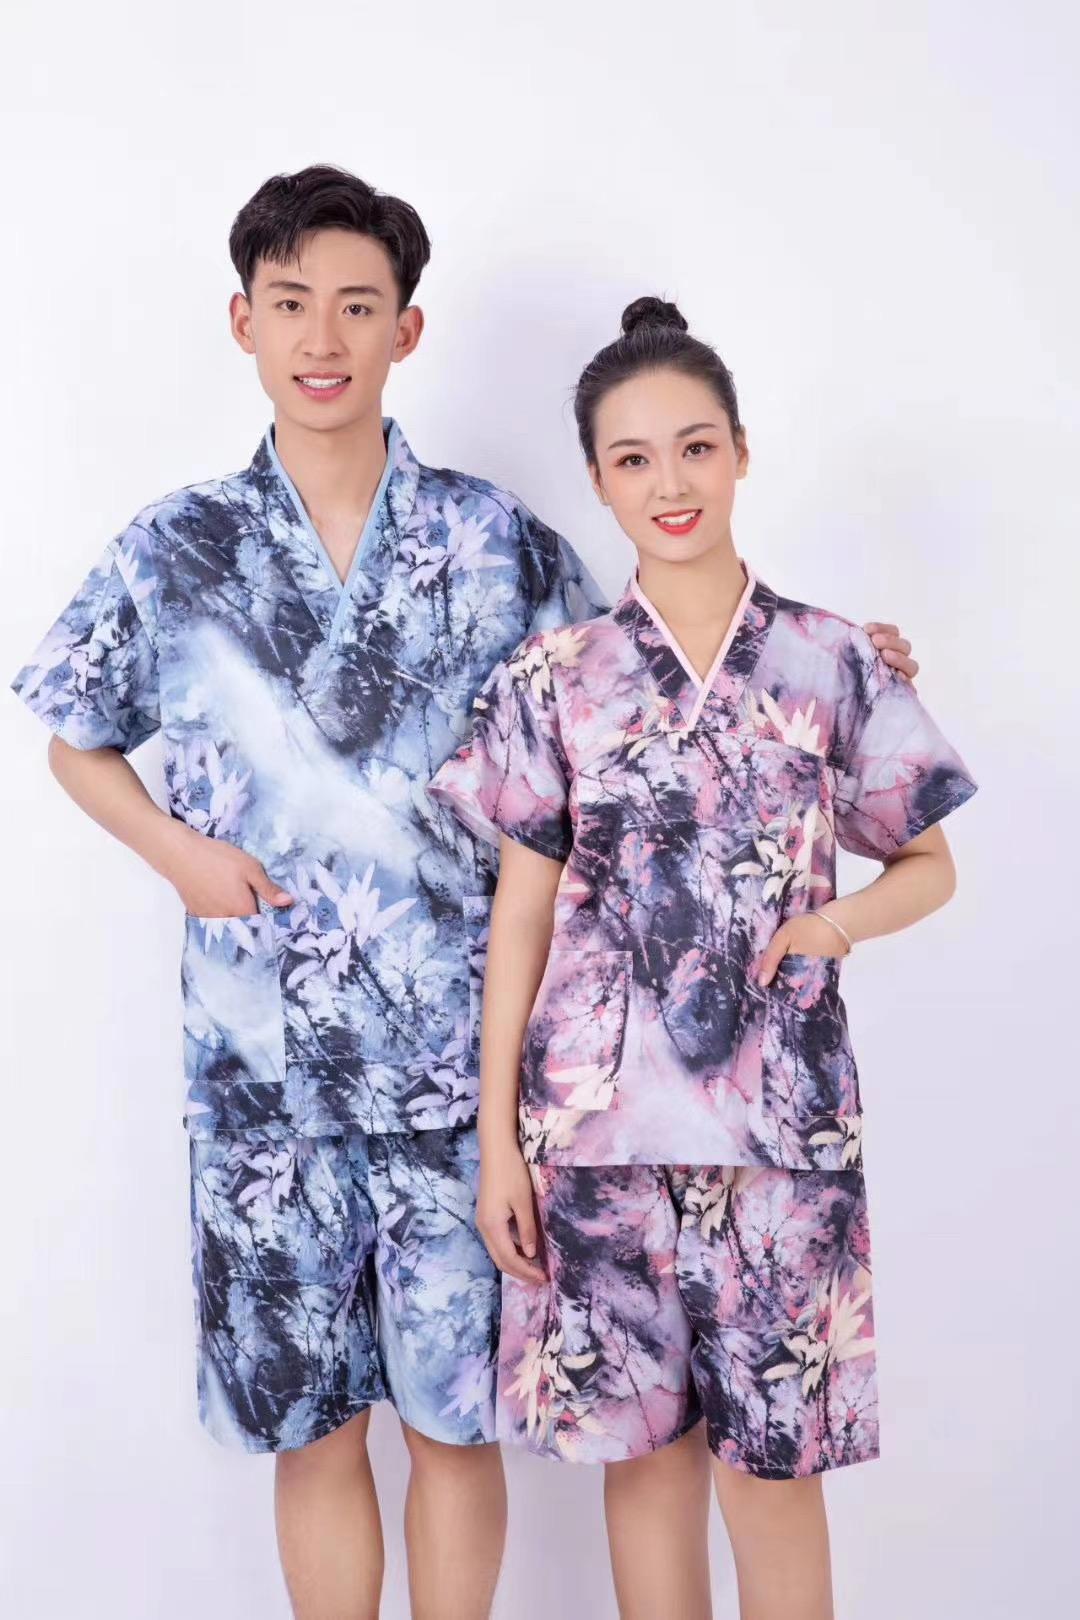 君芝友酒店用品割絨浴袍 酒店用彩色印花睡衣 五星級酒店全棉浴服產品展示